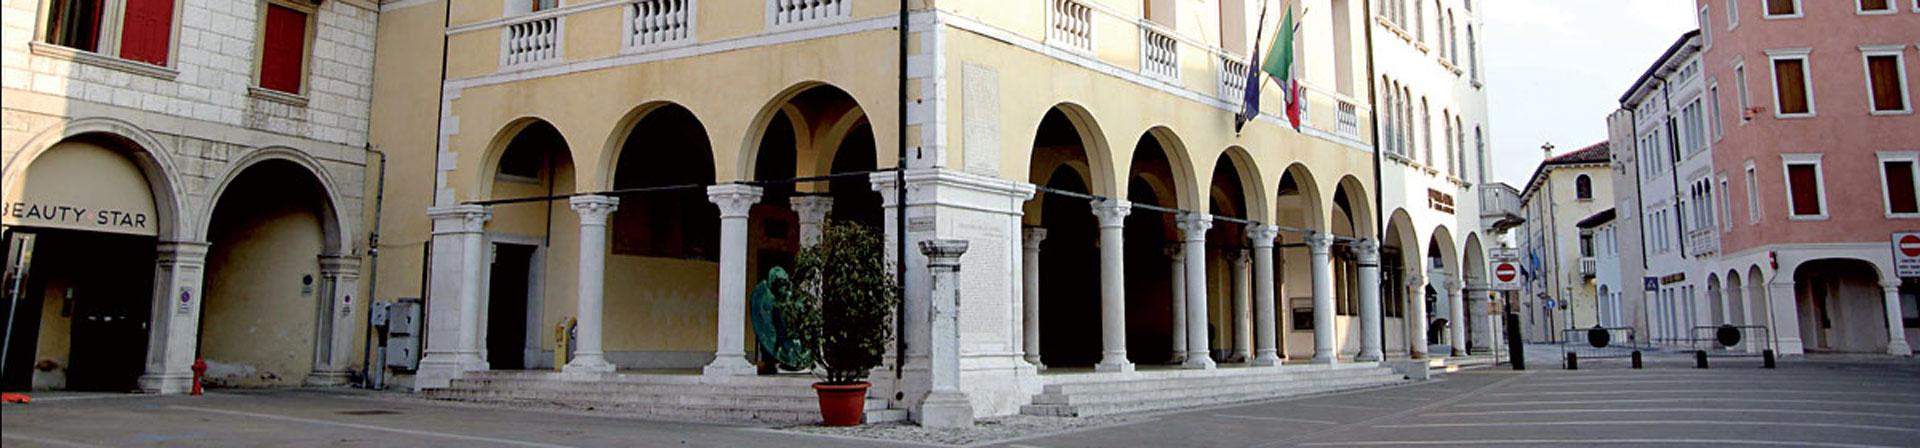 Cosa vedere a Sacile: Palazzo Comunale - esterno